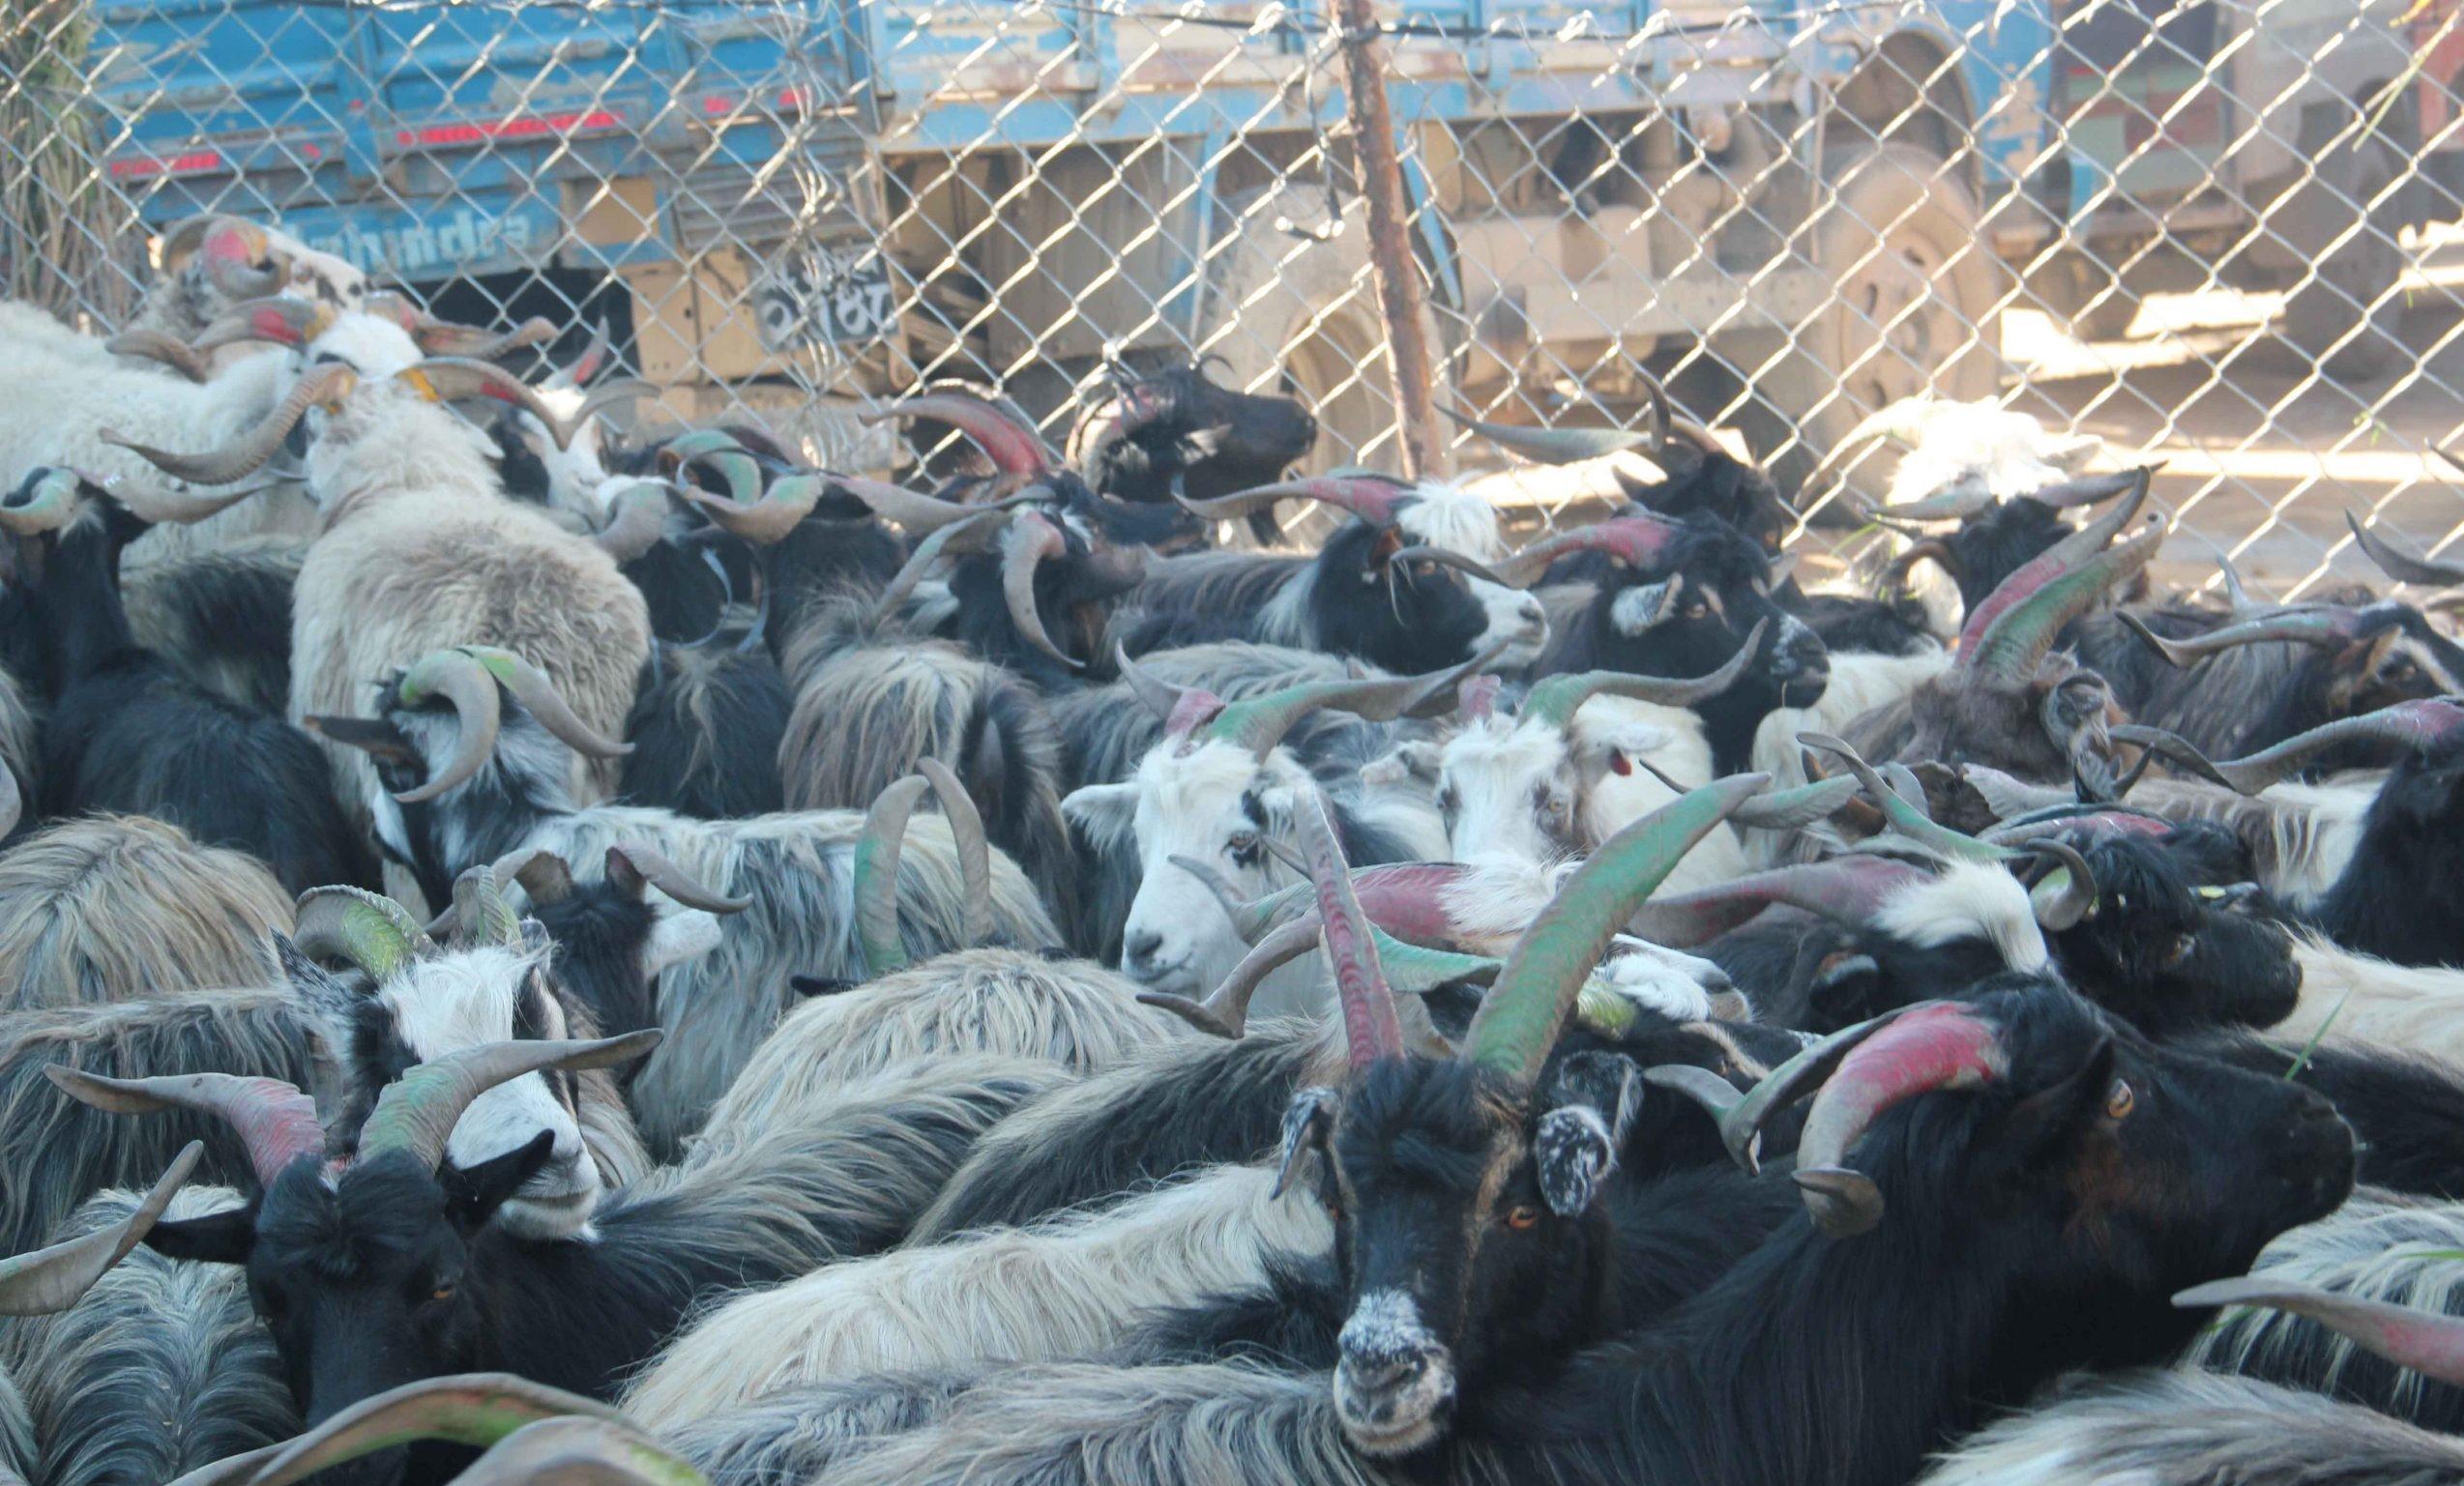 खाद्य संस्थानले भाेलिबाट दशैंका लागि खसीबोका बिक्री गर्ने,प्रतिकिलोकाे मूल्य ५६० निर्धारण